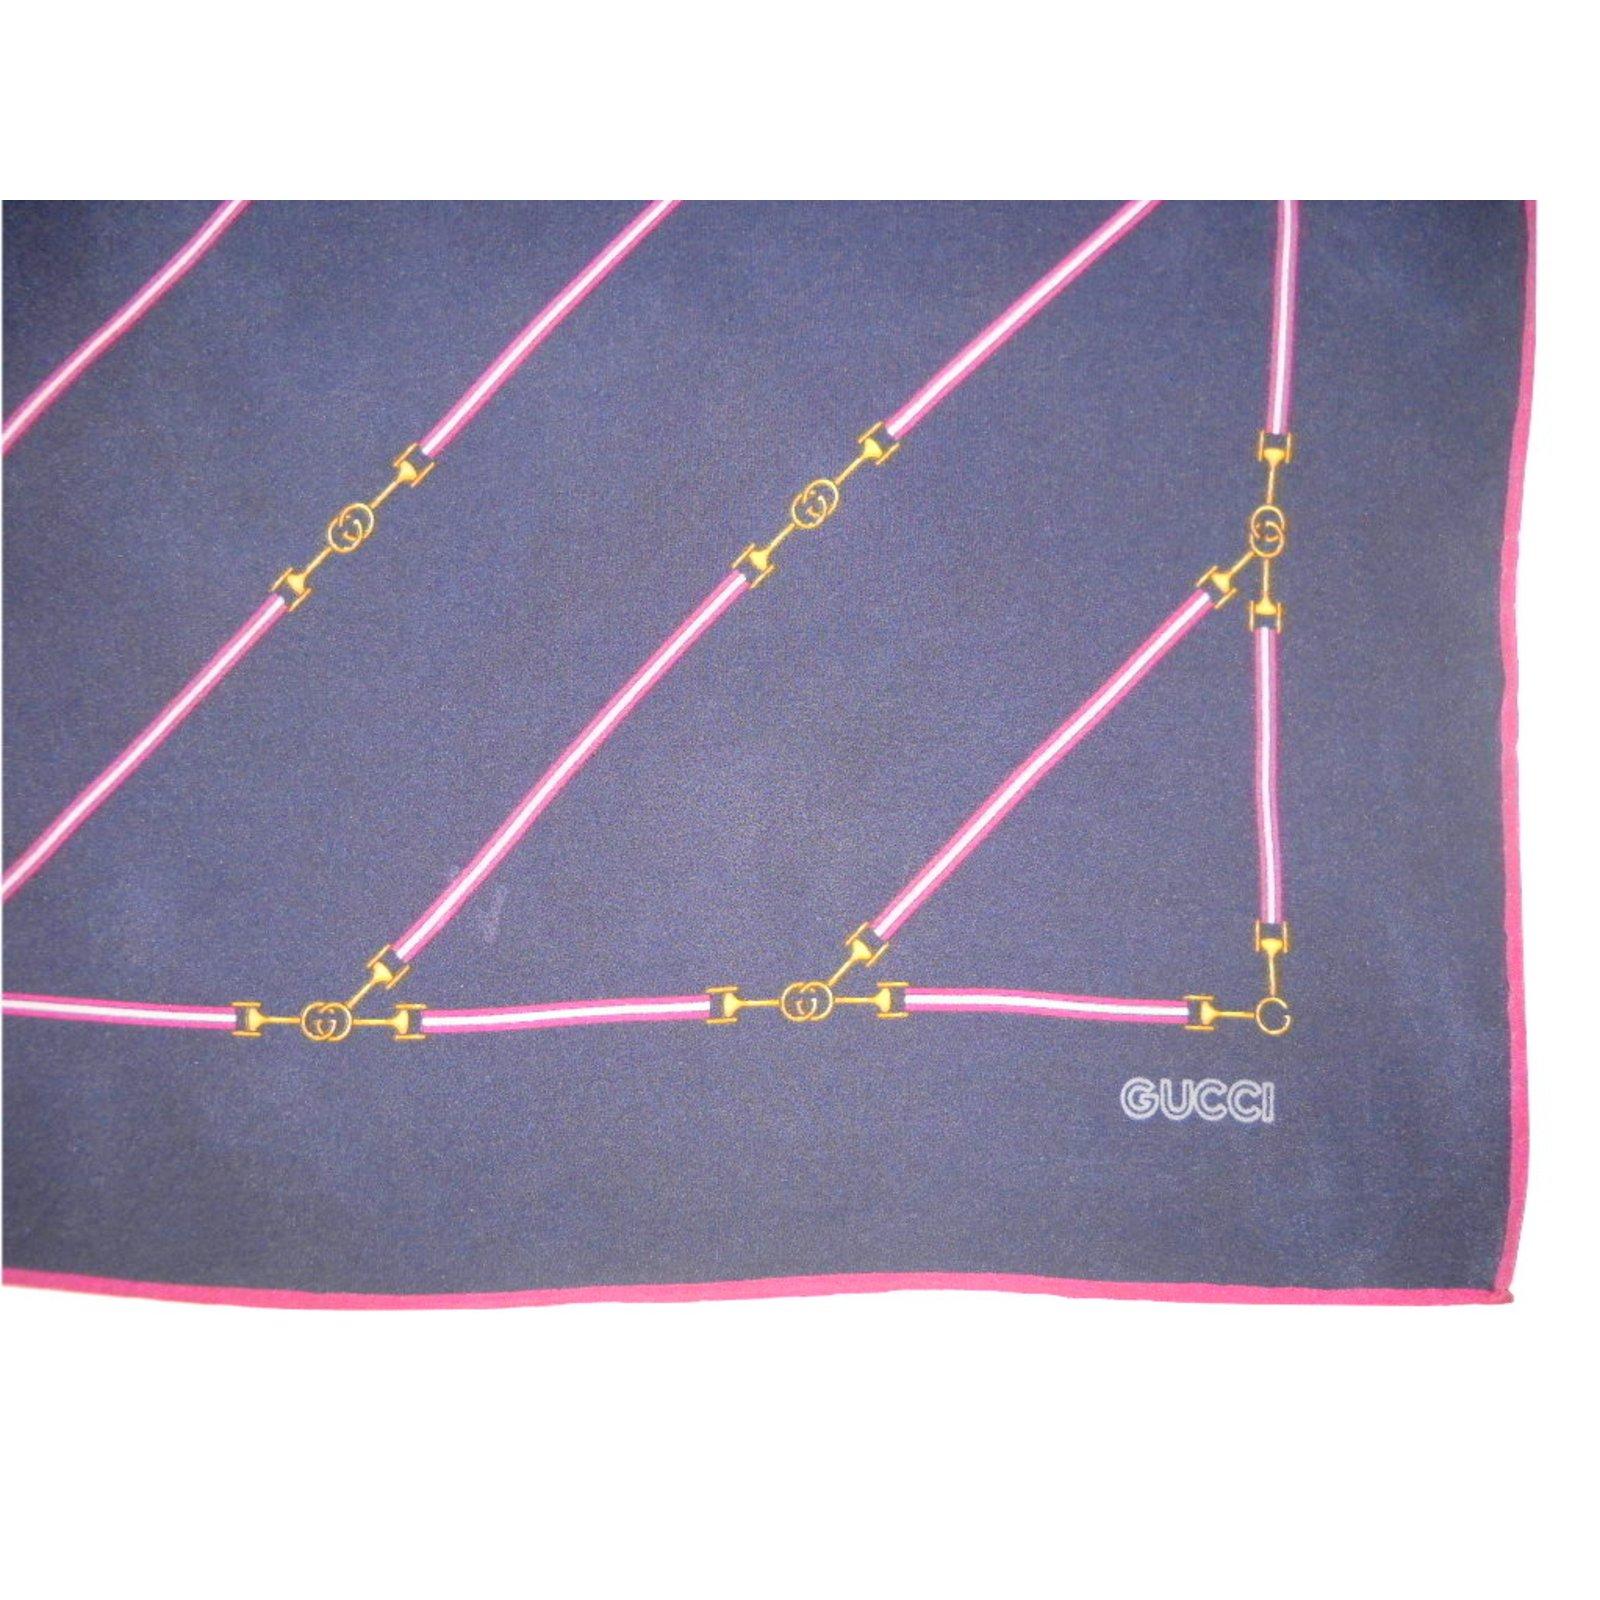 6a90978fb67e Carrés Gucci Vintage foulard soie Soie Bleu,Gris,Bordeaux ref.28812 - Joli  Closet